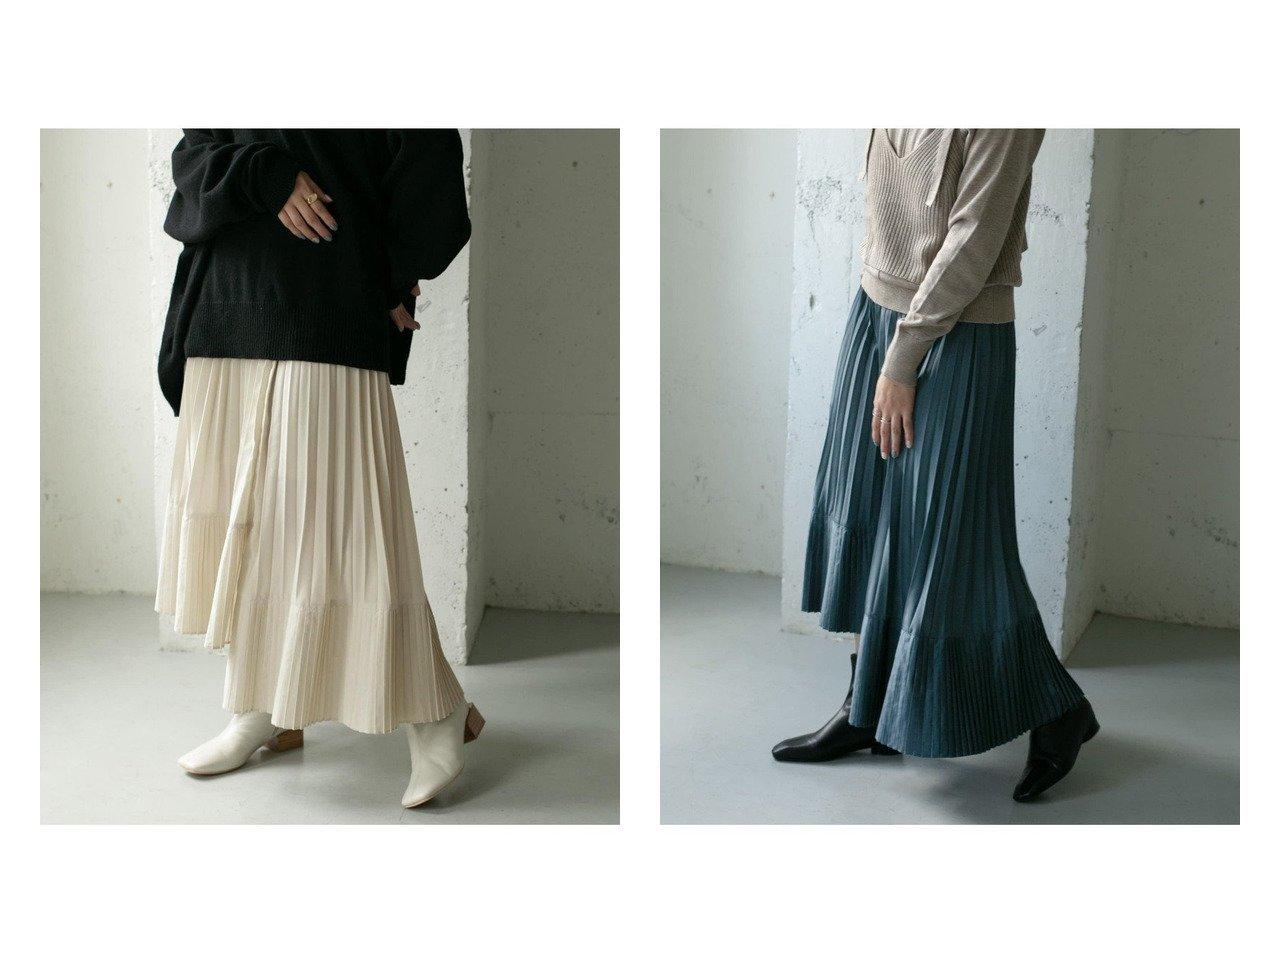 【KBF / URBAN RESEARCH/ケービーエフ】のアシメ変形プリーツスカート スカートのおすすめ!人気、トレンド・レディースファッションの通販 おすすめで人気の流行・トレンド、ファッションの通販商品 メンズファッション・キッズファッション・インテリア・家具・レディースファッション・服の通販 founy(ファニー) https://founy.com/ ファッション Fashion レディースファッション WOMEN スカート Skirt プリーツスカート Pleated Skirts アシンメトリー コンパクト サンダル スウェット スタンダード スニーカー プリーツ 切替 春 Spring A/W 秋冬 AW Autumn/Winter / FW Fall-Winter  ID:crp329100000012430